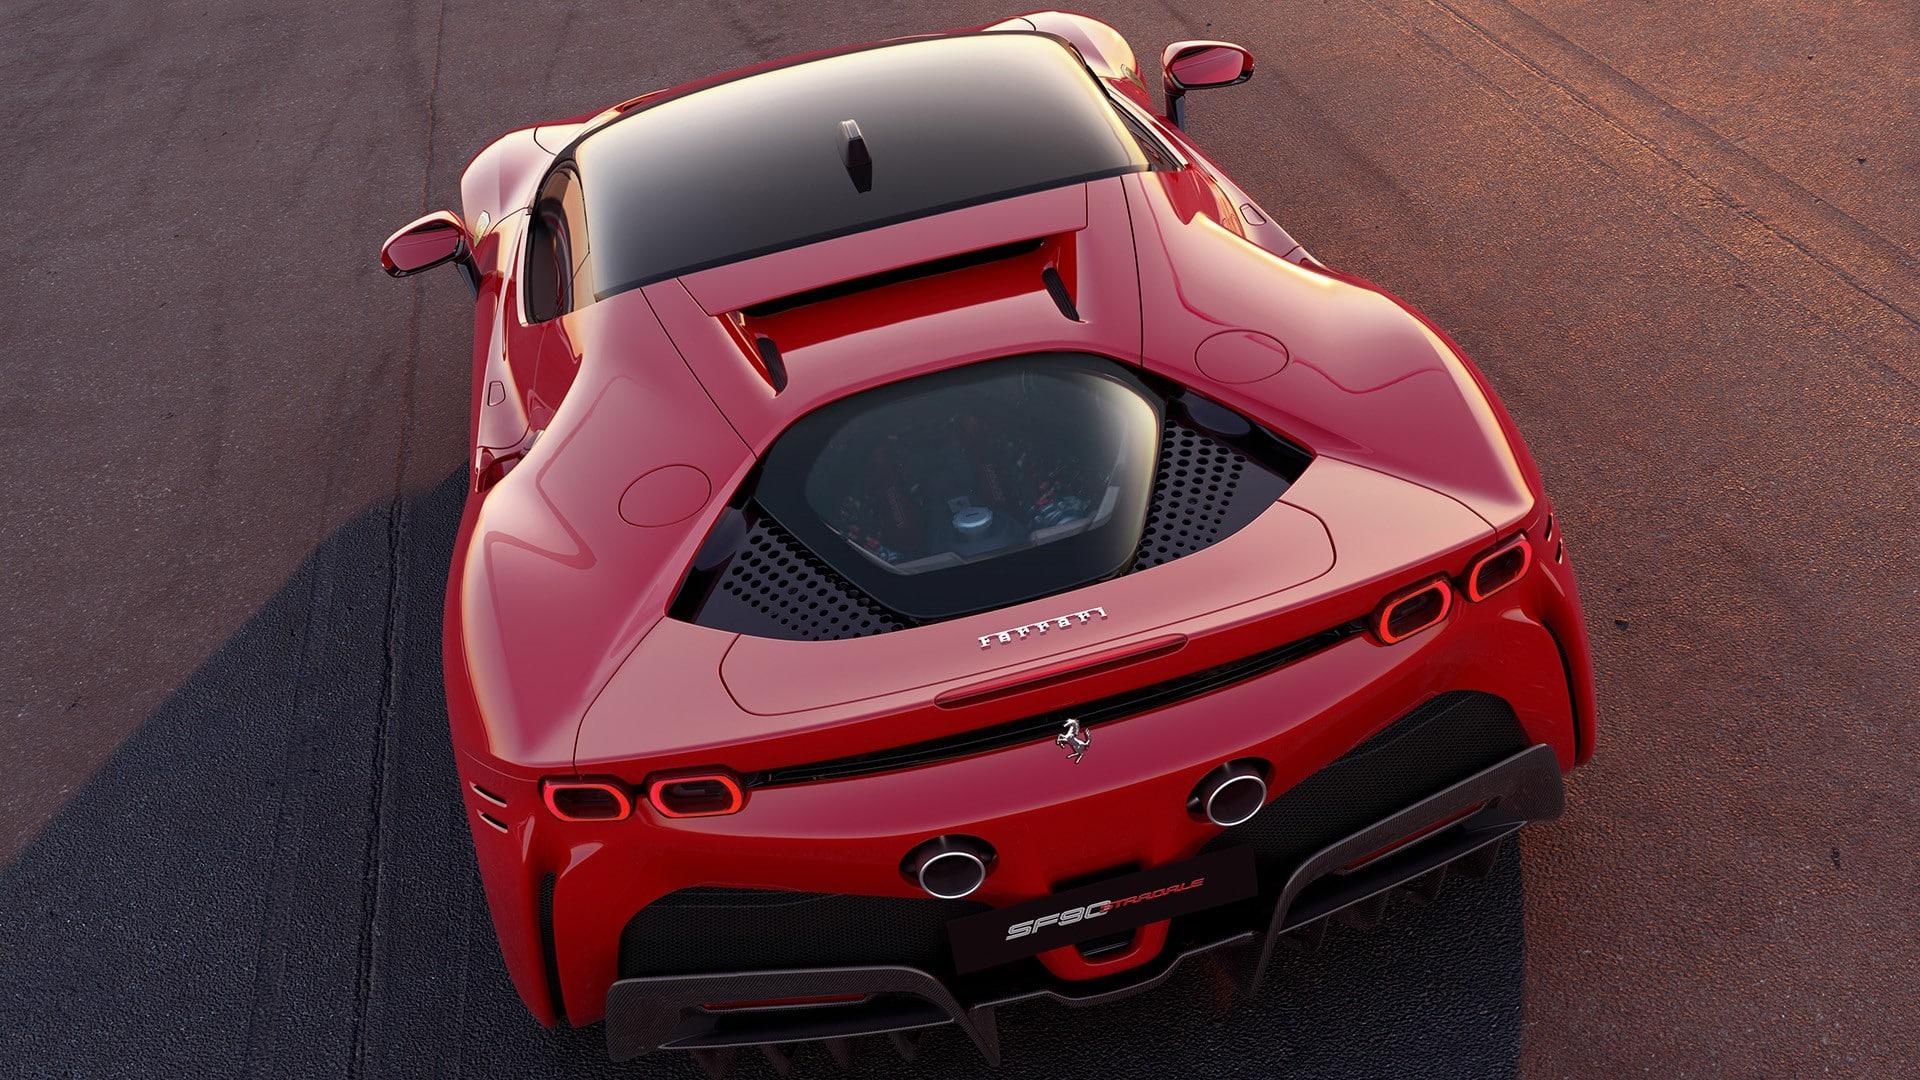 Fabricantes como Ferrari tienden a poner motores centrales